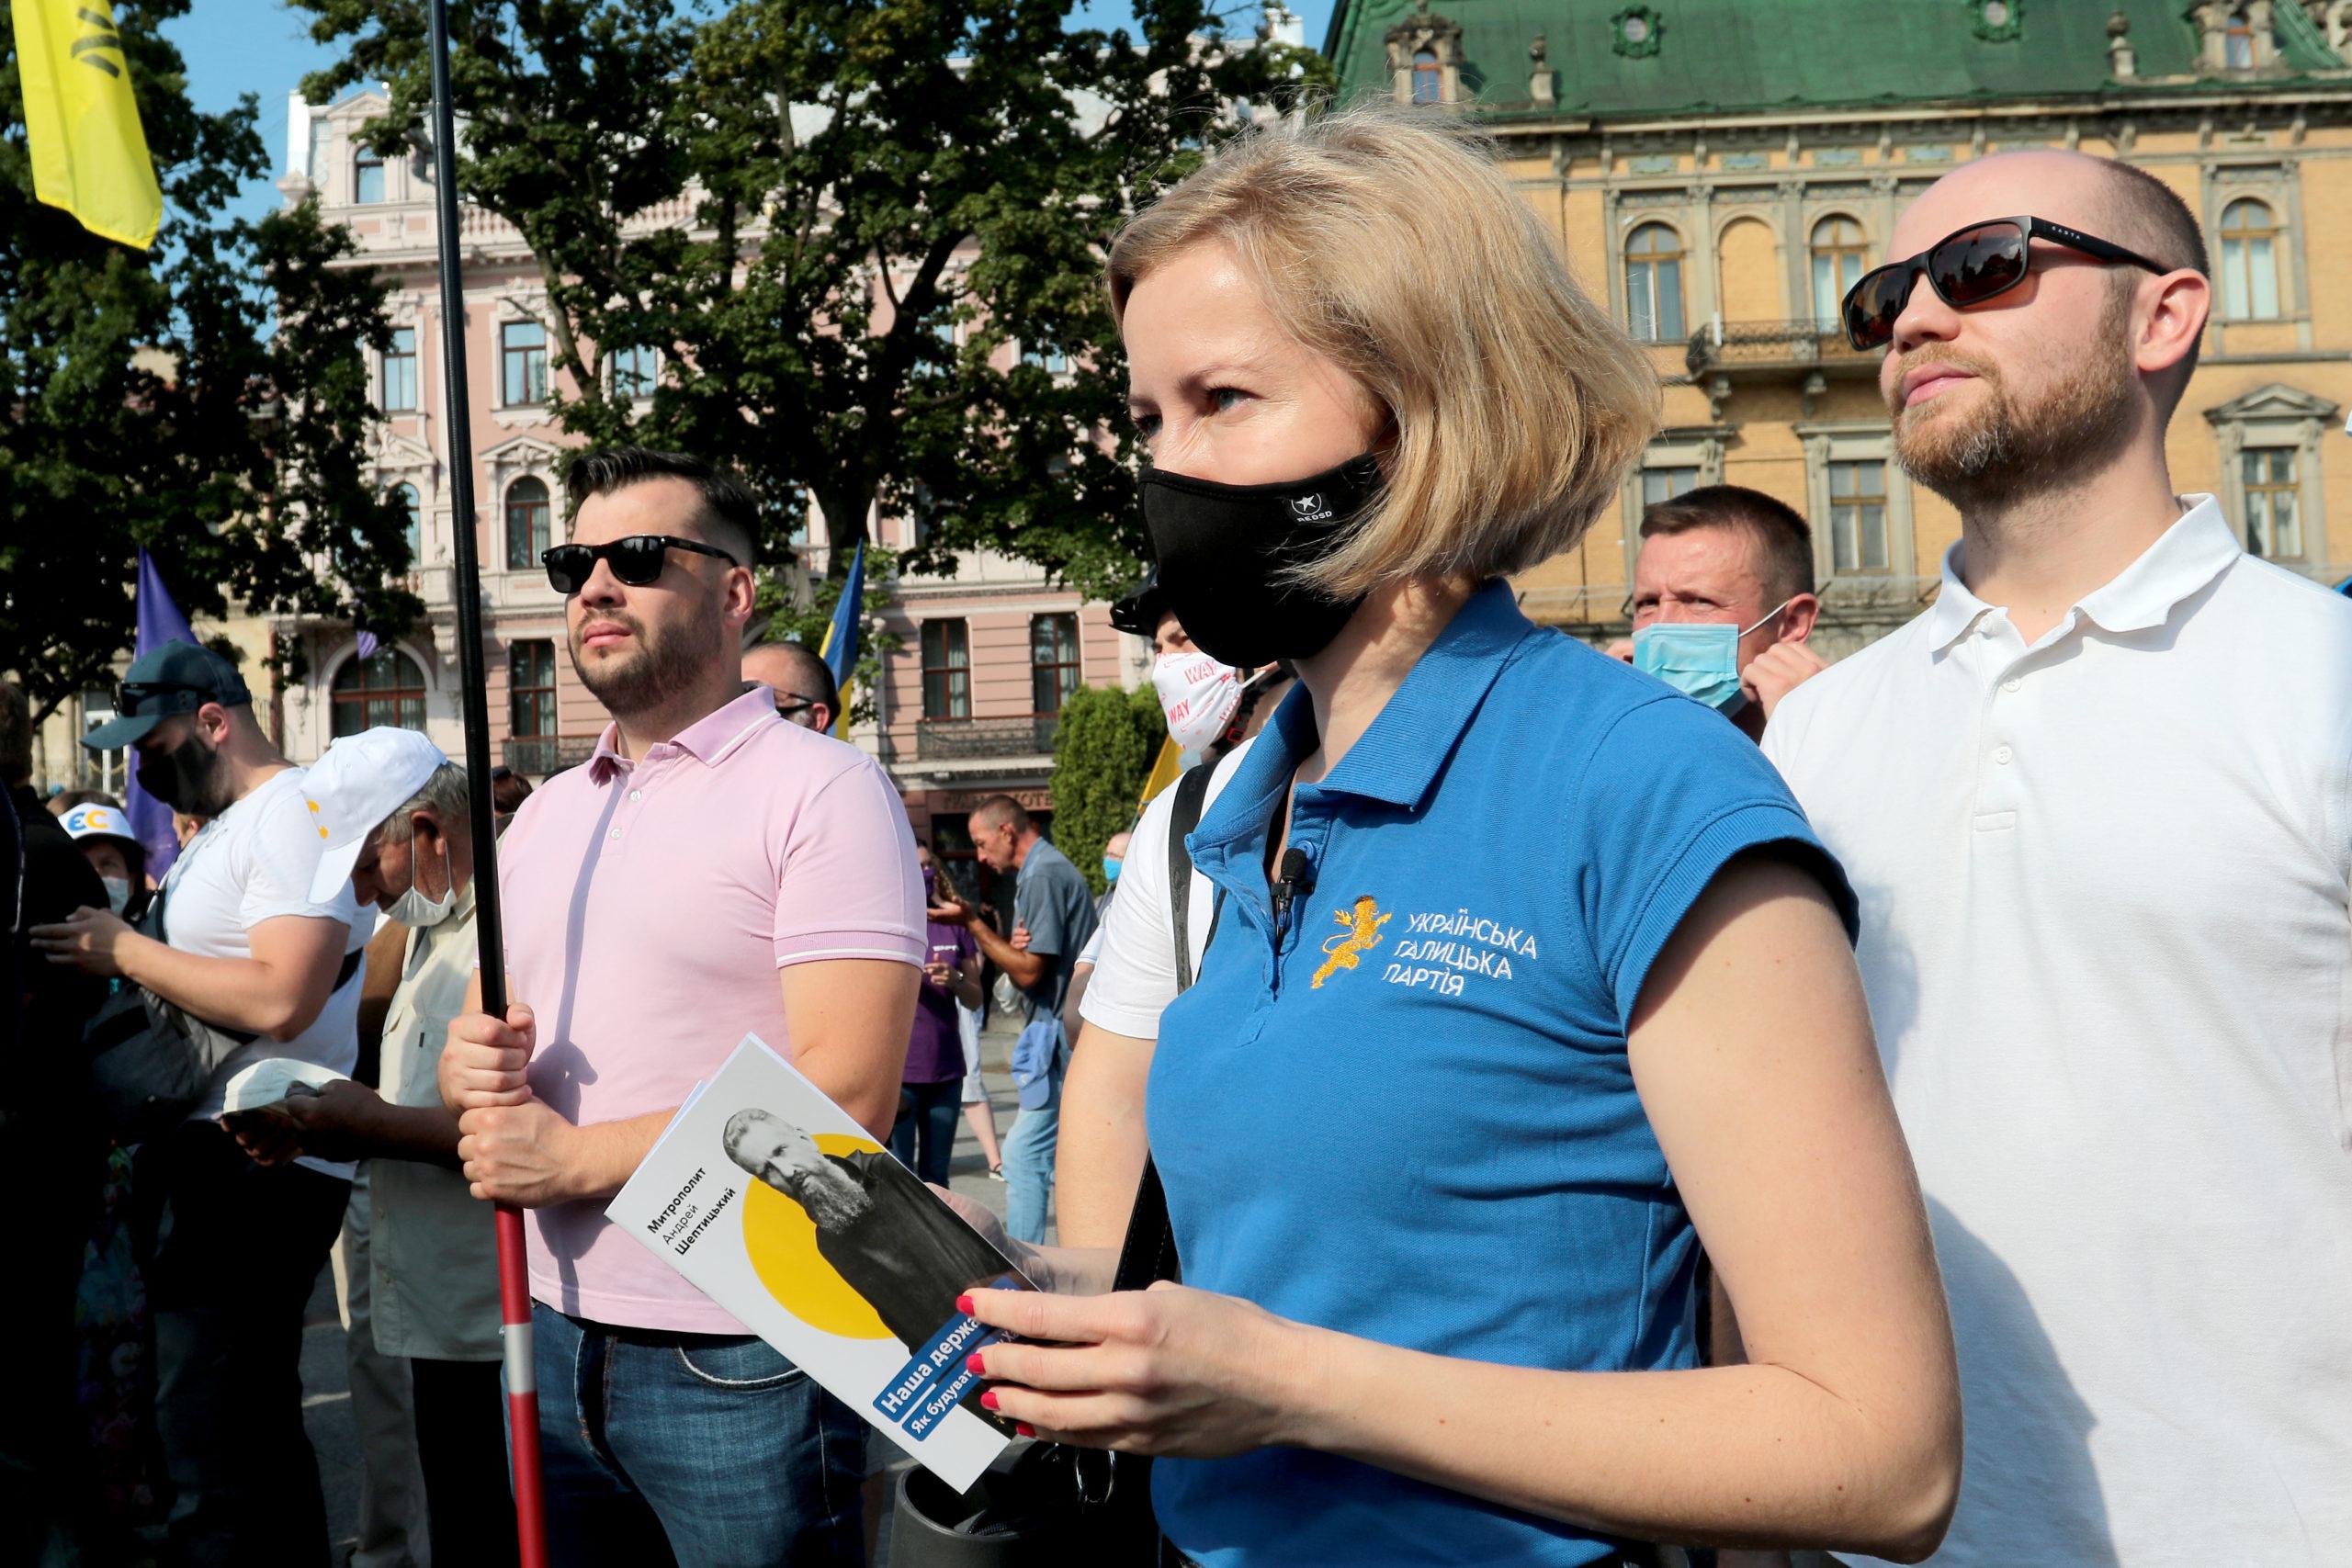 aktsiya-zastupys-za-ukrayinsku-vyhod-na-ploshhu-lviv-16-lypnya-2020-8